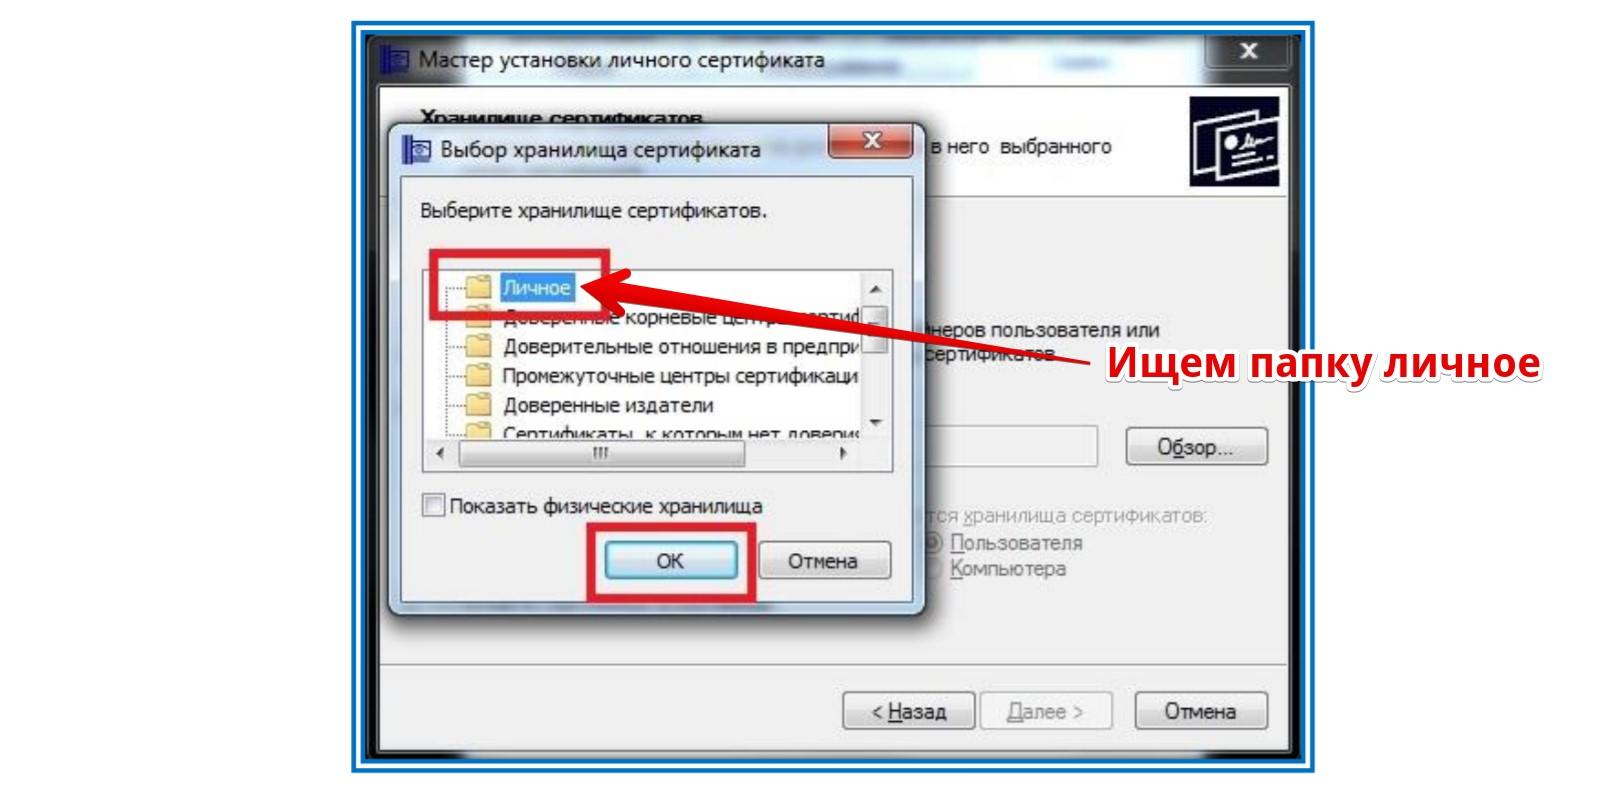 Установка личного сертификата на компьютер для ЭЦП